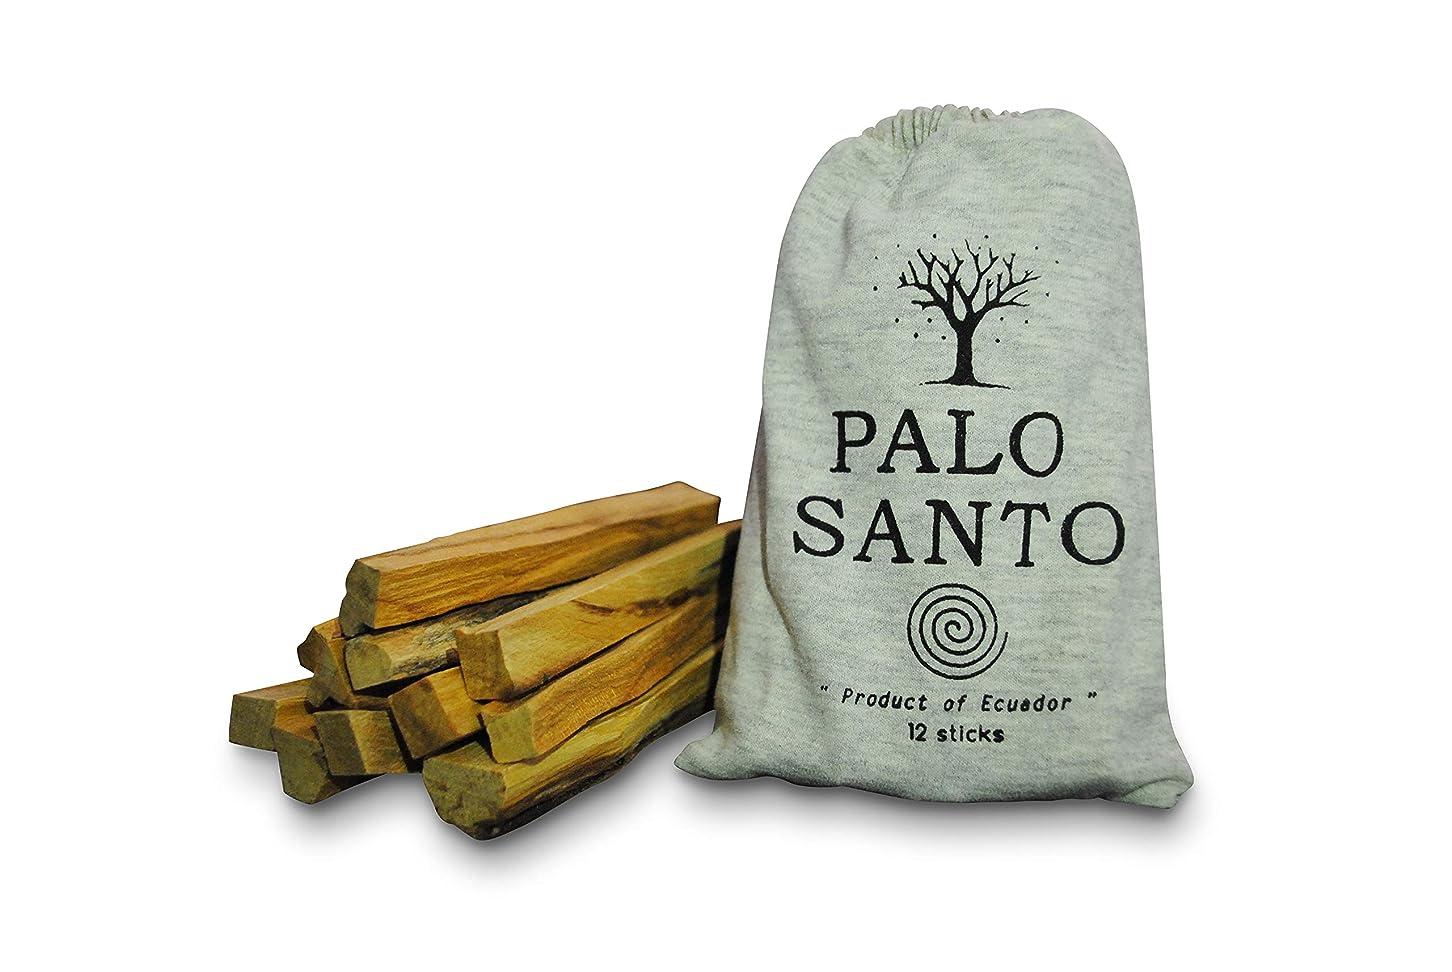 オルタナティブ ミラクル パロ サント スマッジスティック - 野生の収穫 聖なる木のお香 スマッジスティック